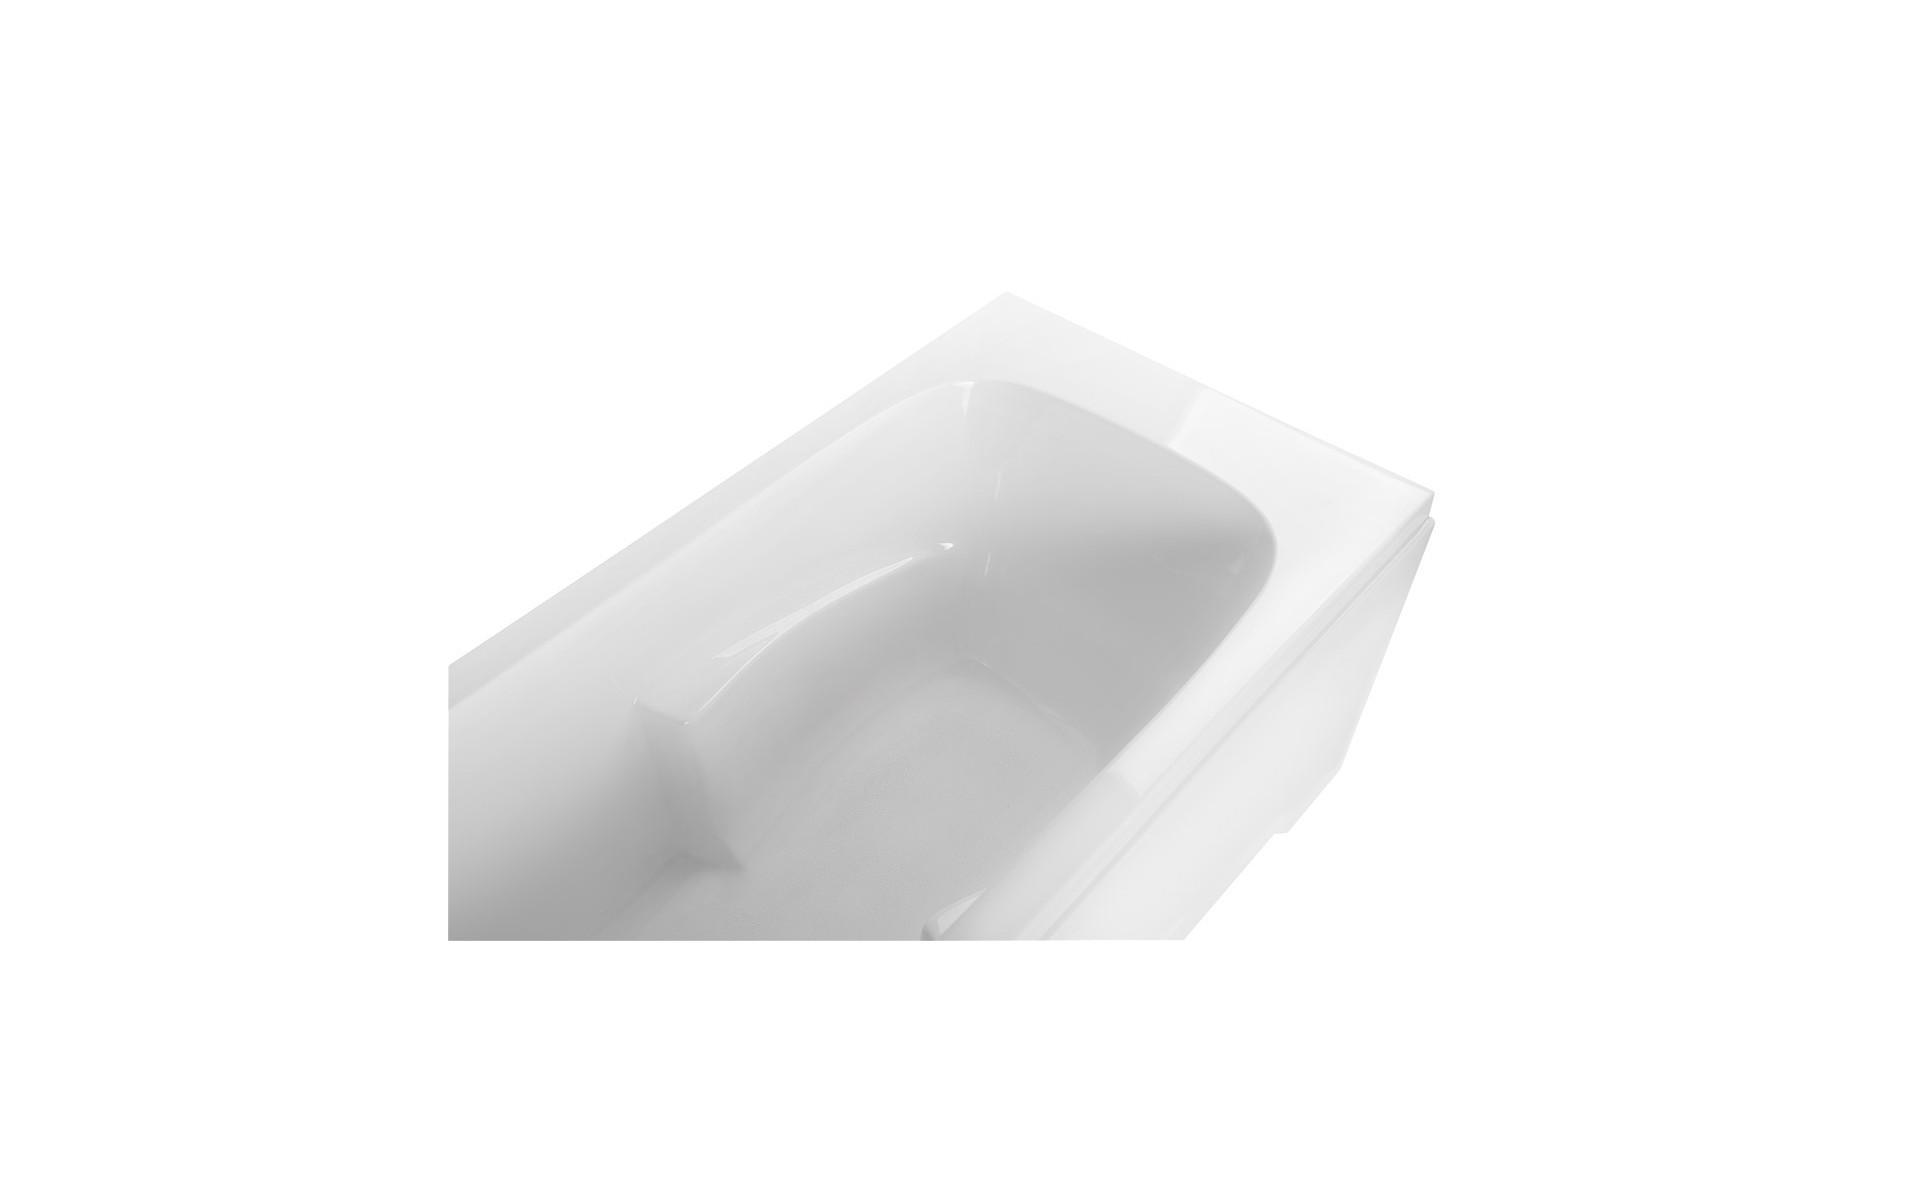 Ergonomiczne podłokietniki pozwalają wygodniej korzystać z kąpieli.